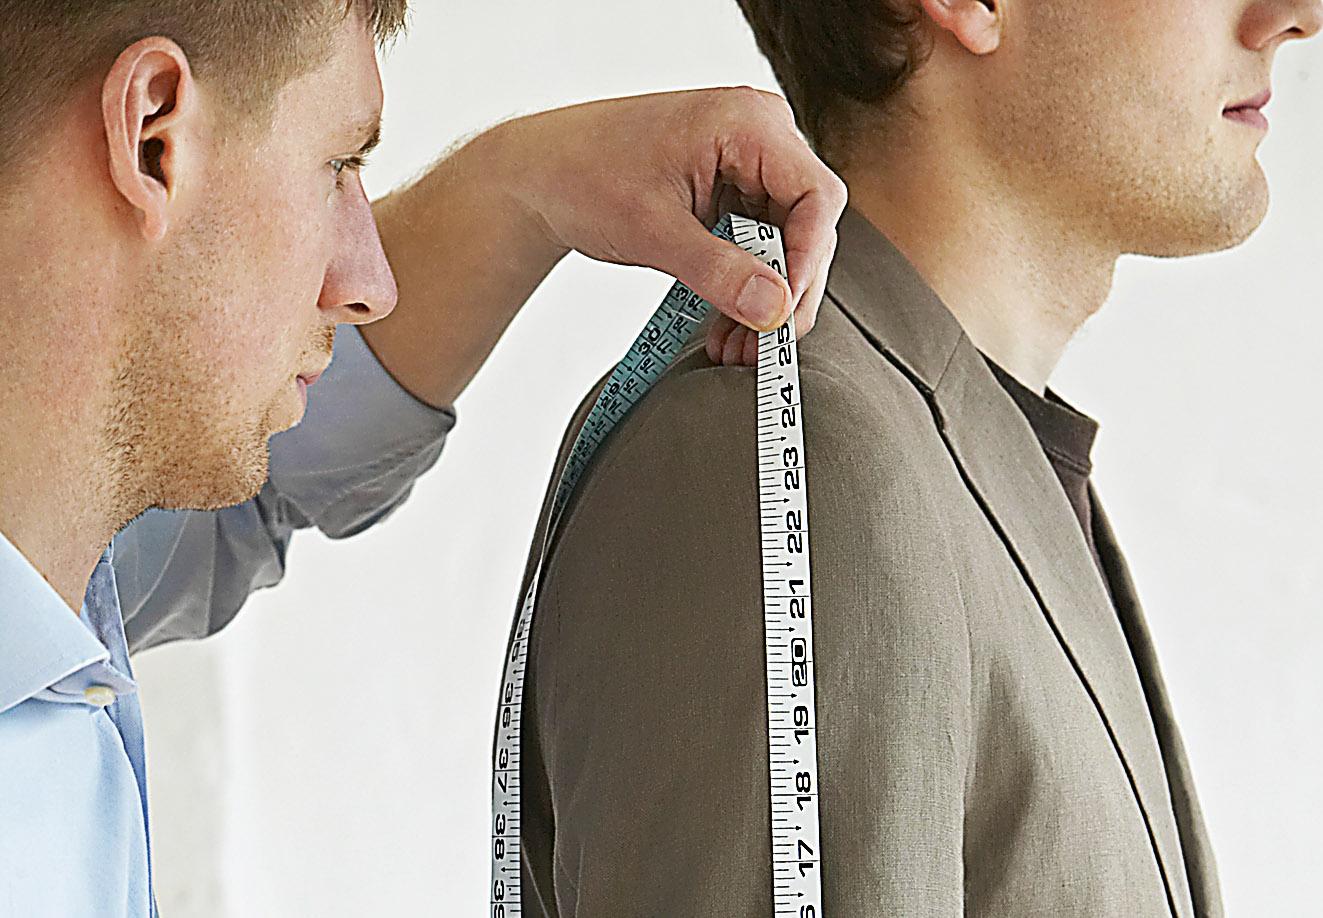 Eine Person nimmt die Kleidungsmaße einer anderen auf. Thema: Losgröße 1